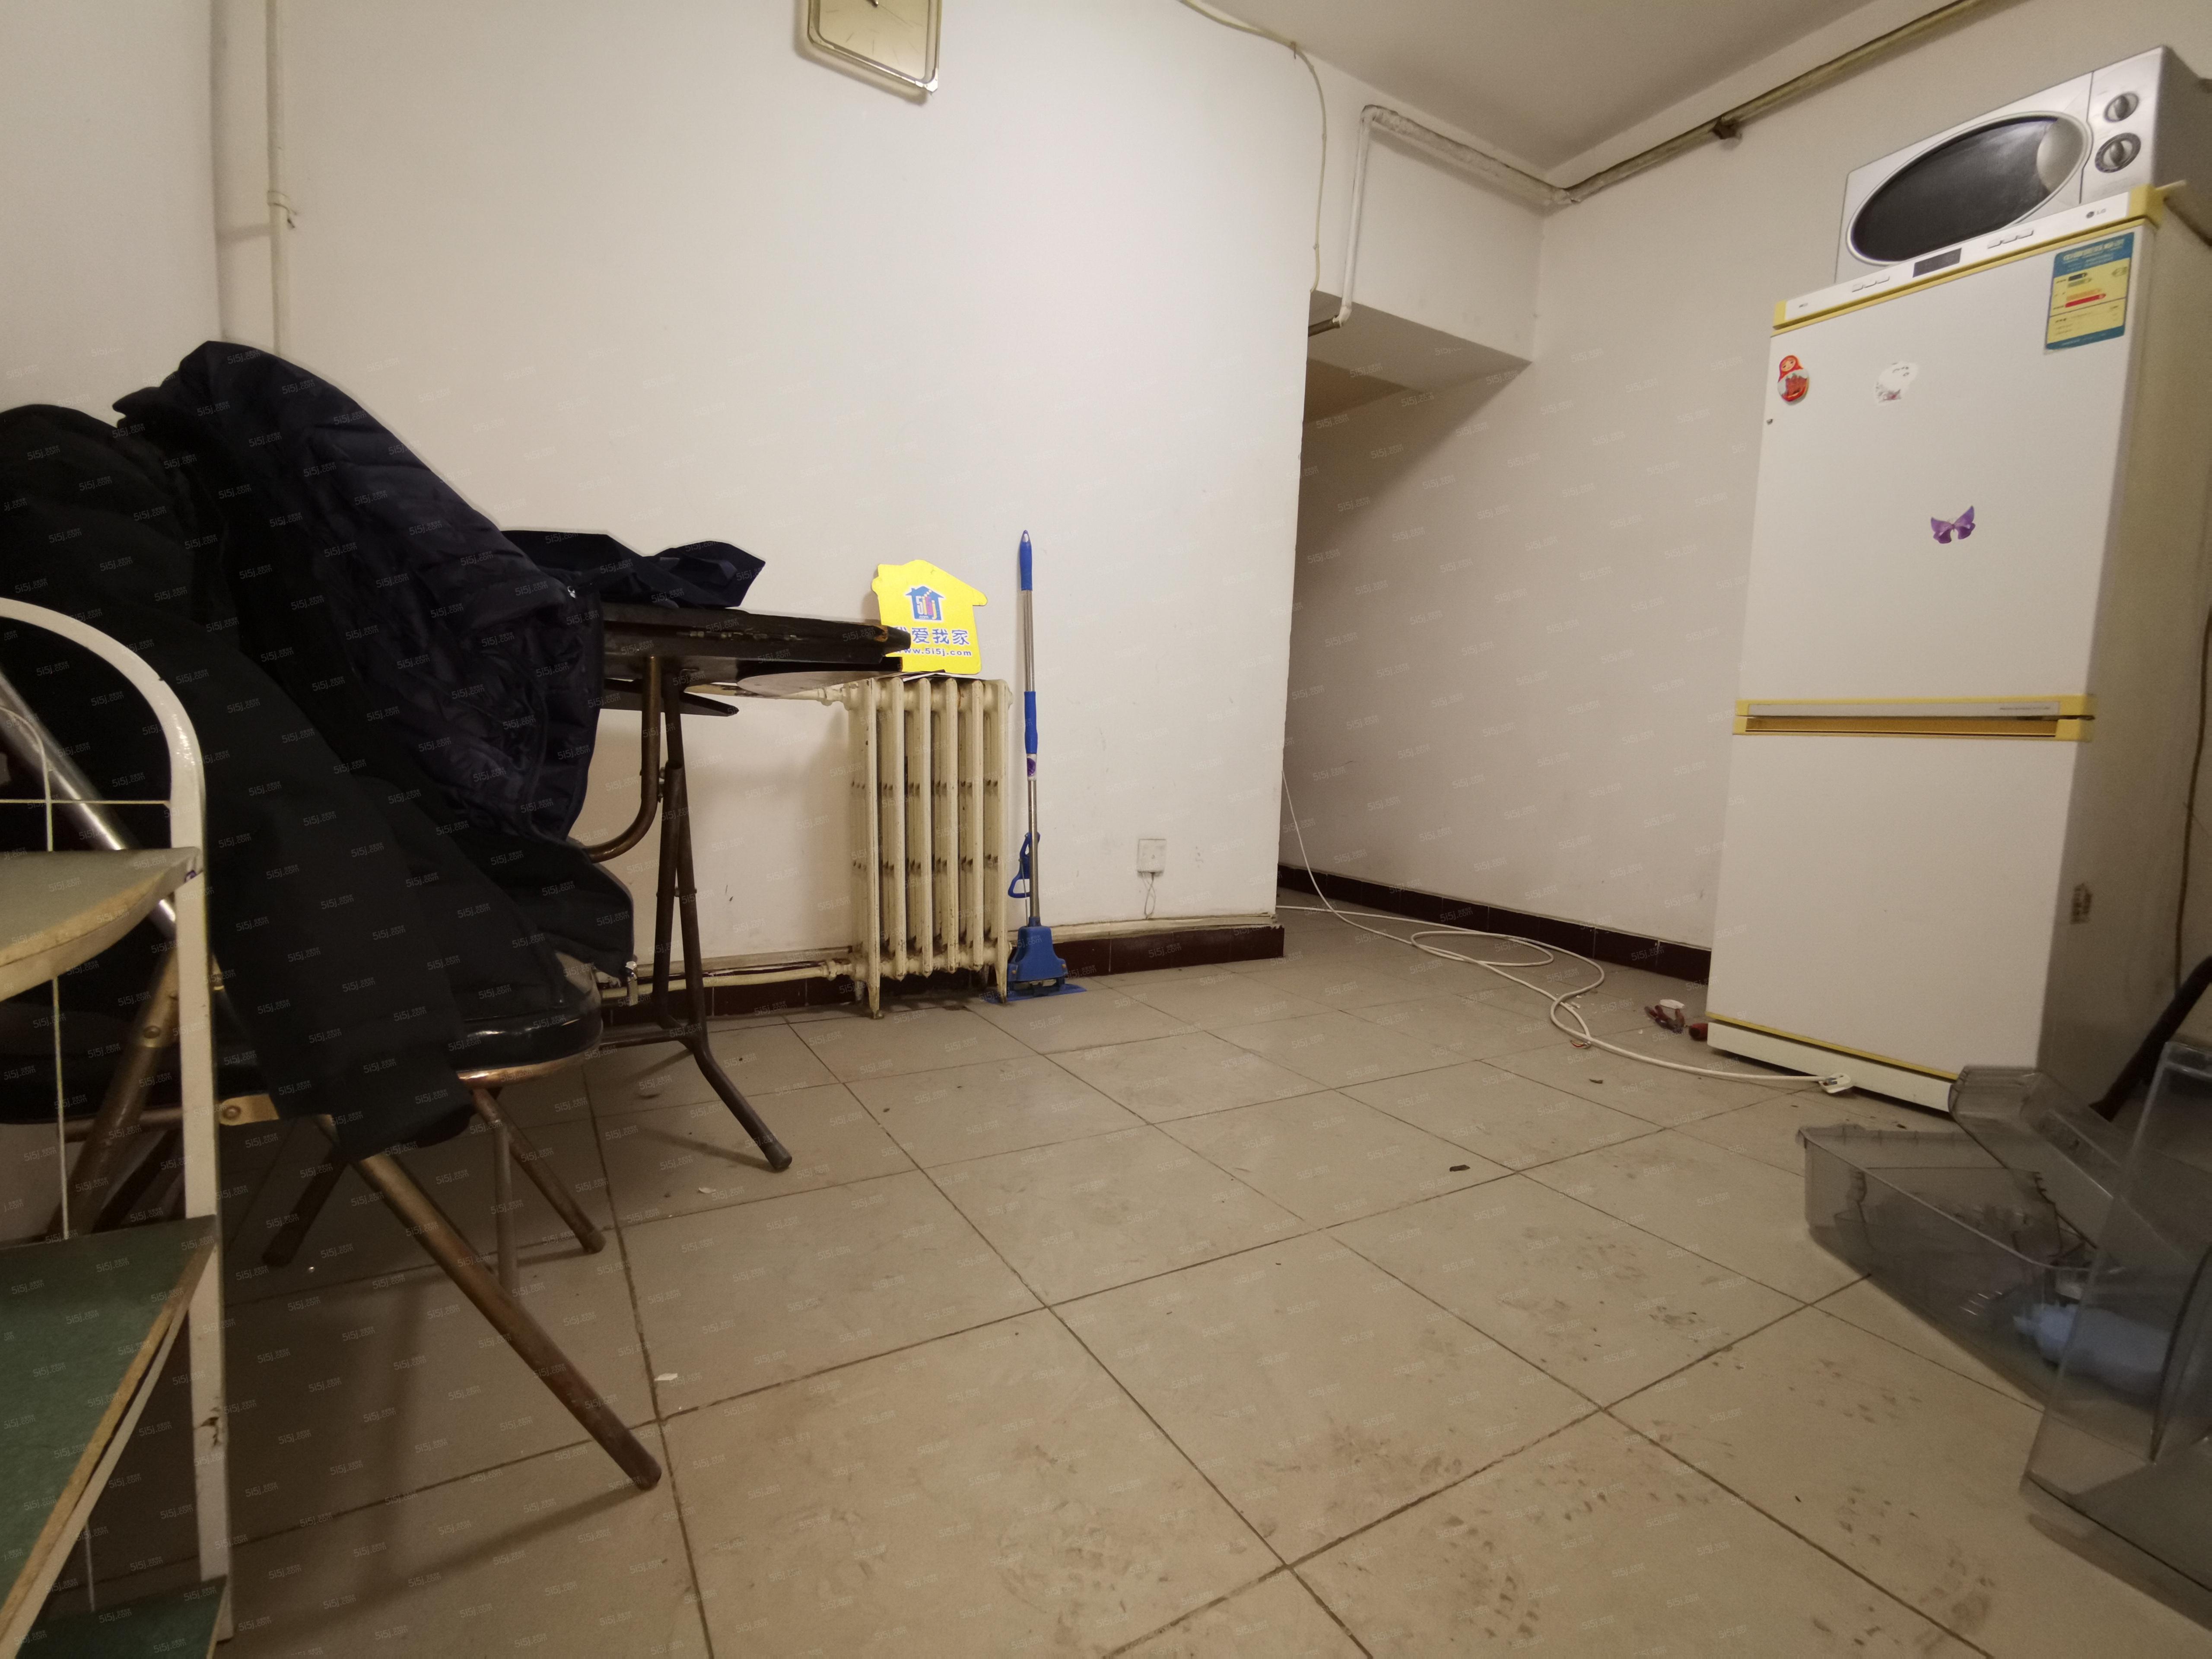 北京南站 马家堡精装两居室南北通透随时看房